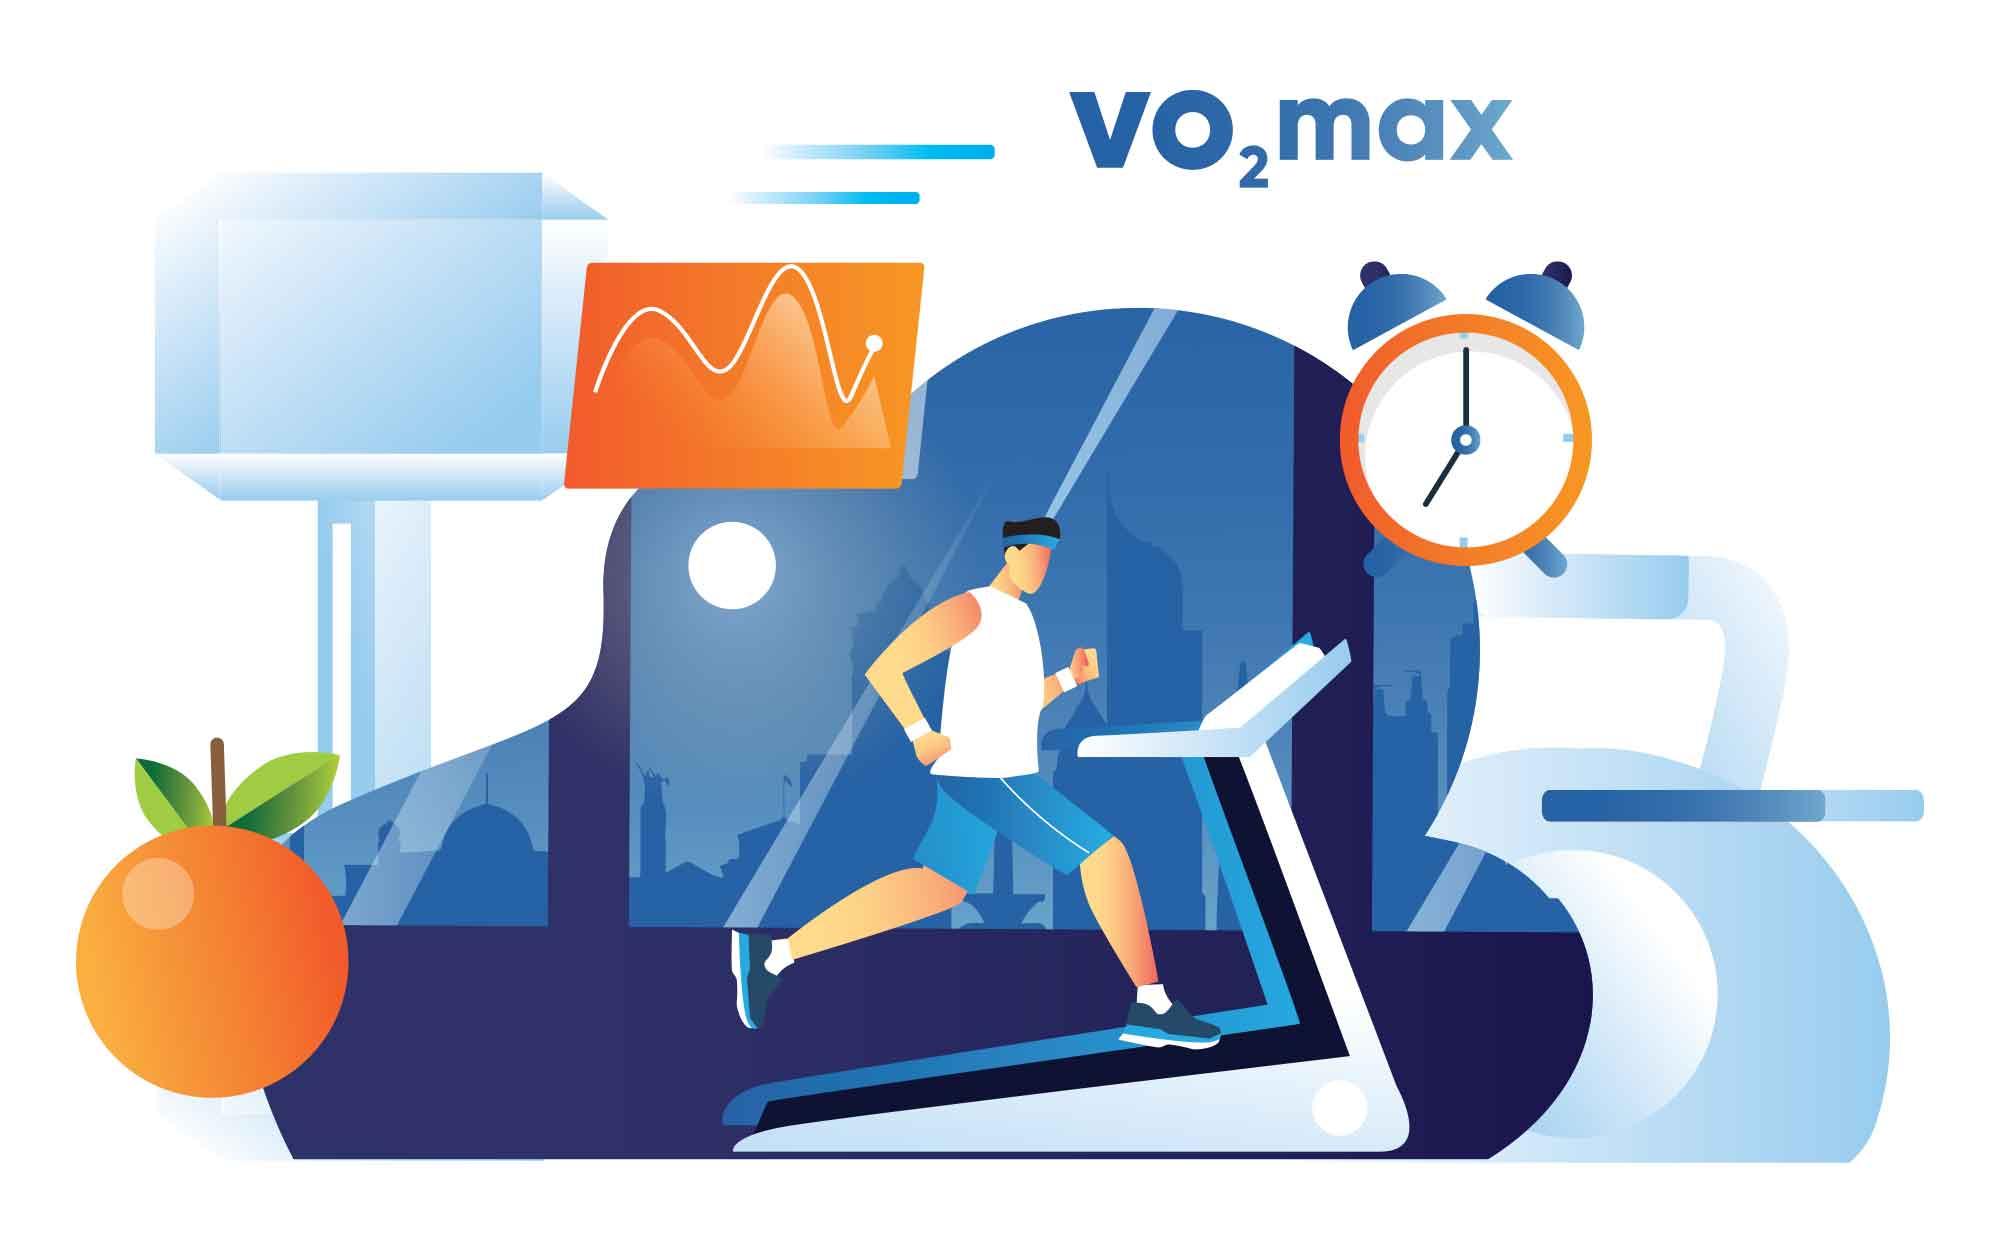 Treadmill Vector Illustration